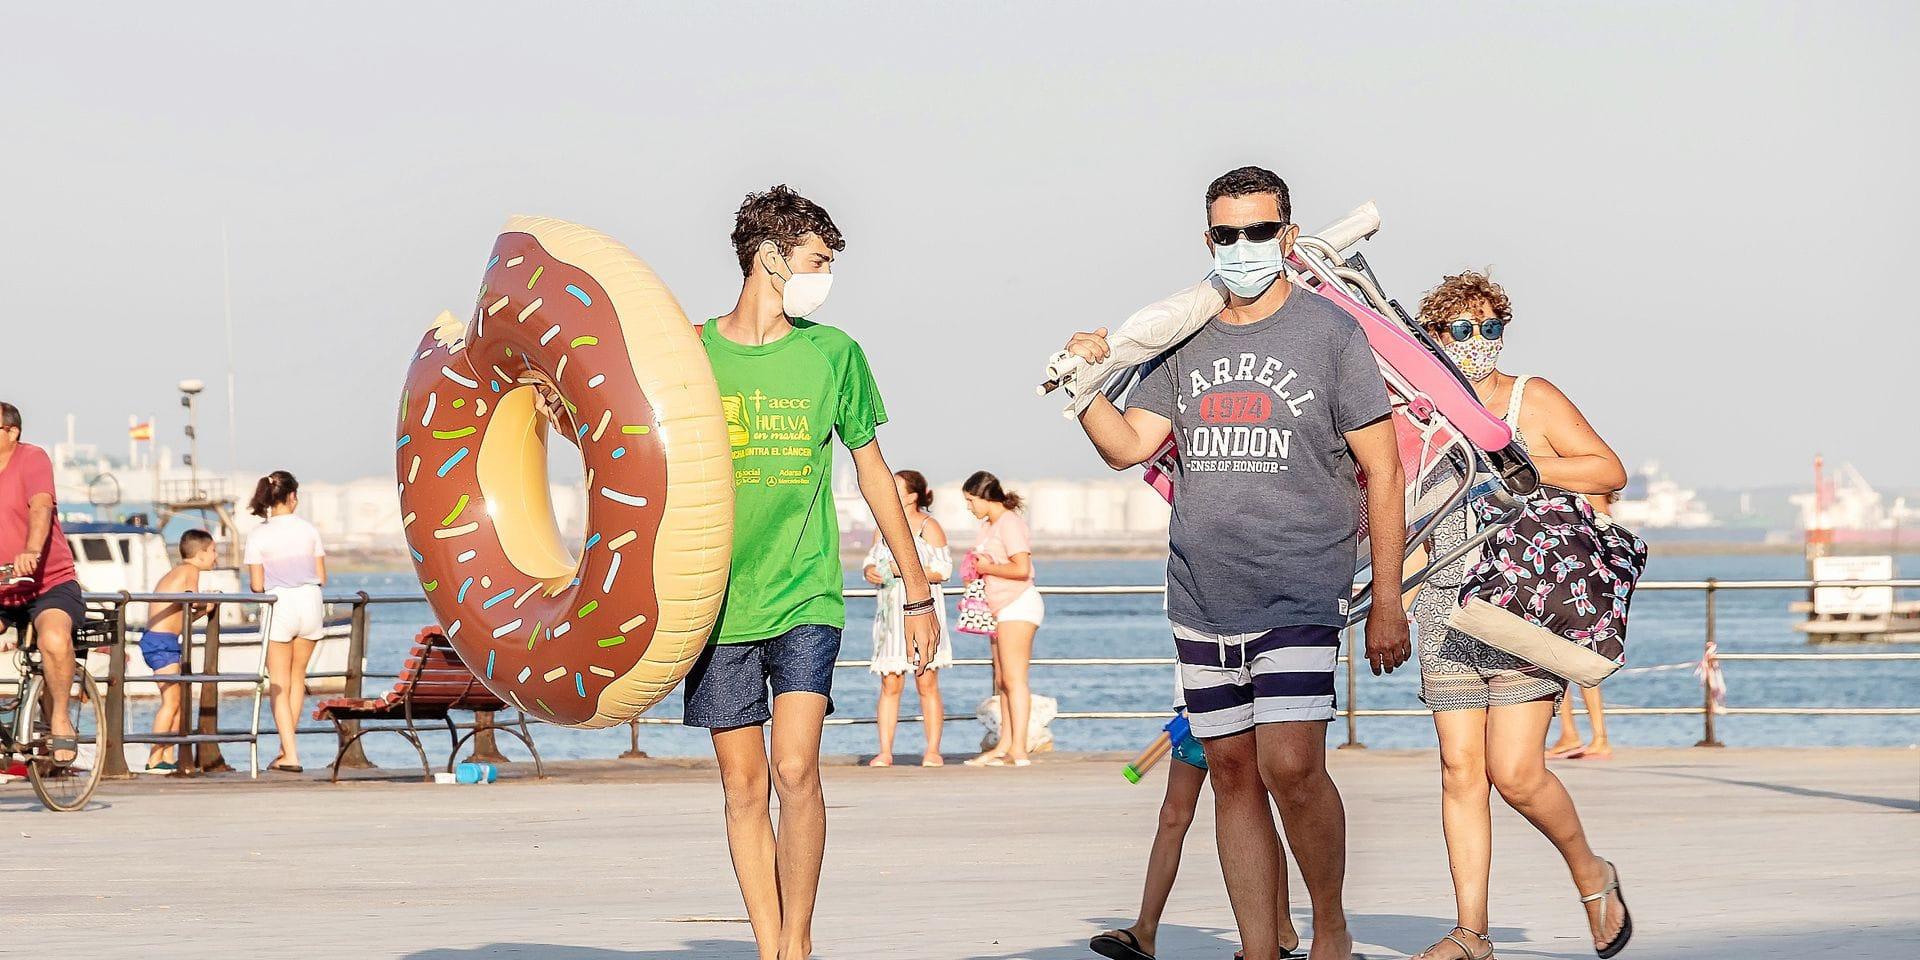 Réouverture des frontières: les Belges pensent déjà aux vacances mais ce n'est pas encore le grand rush